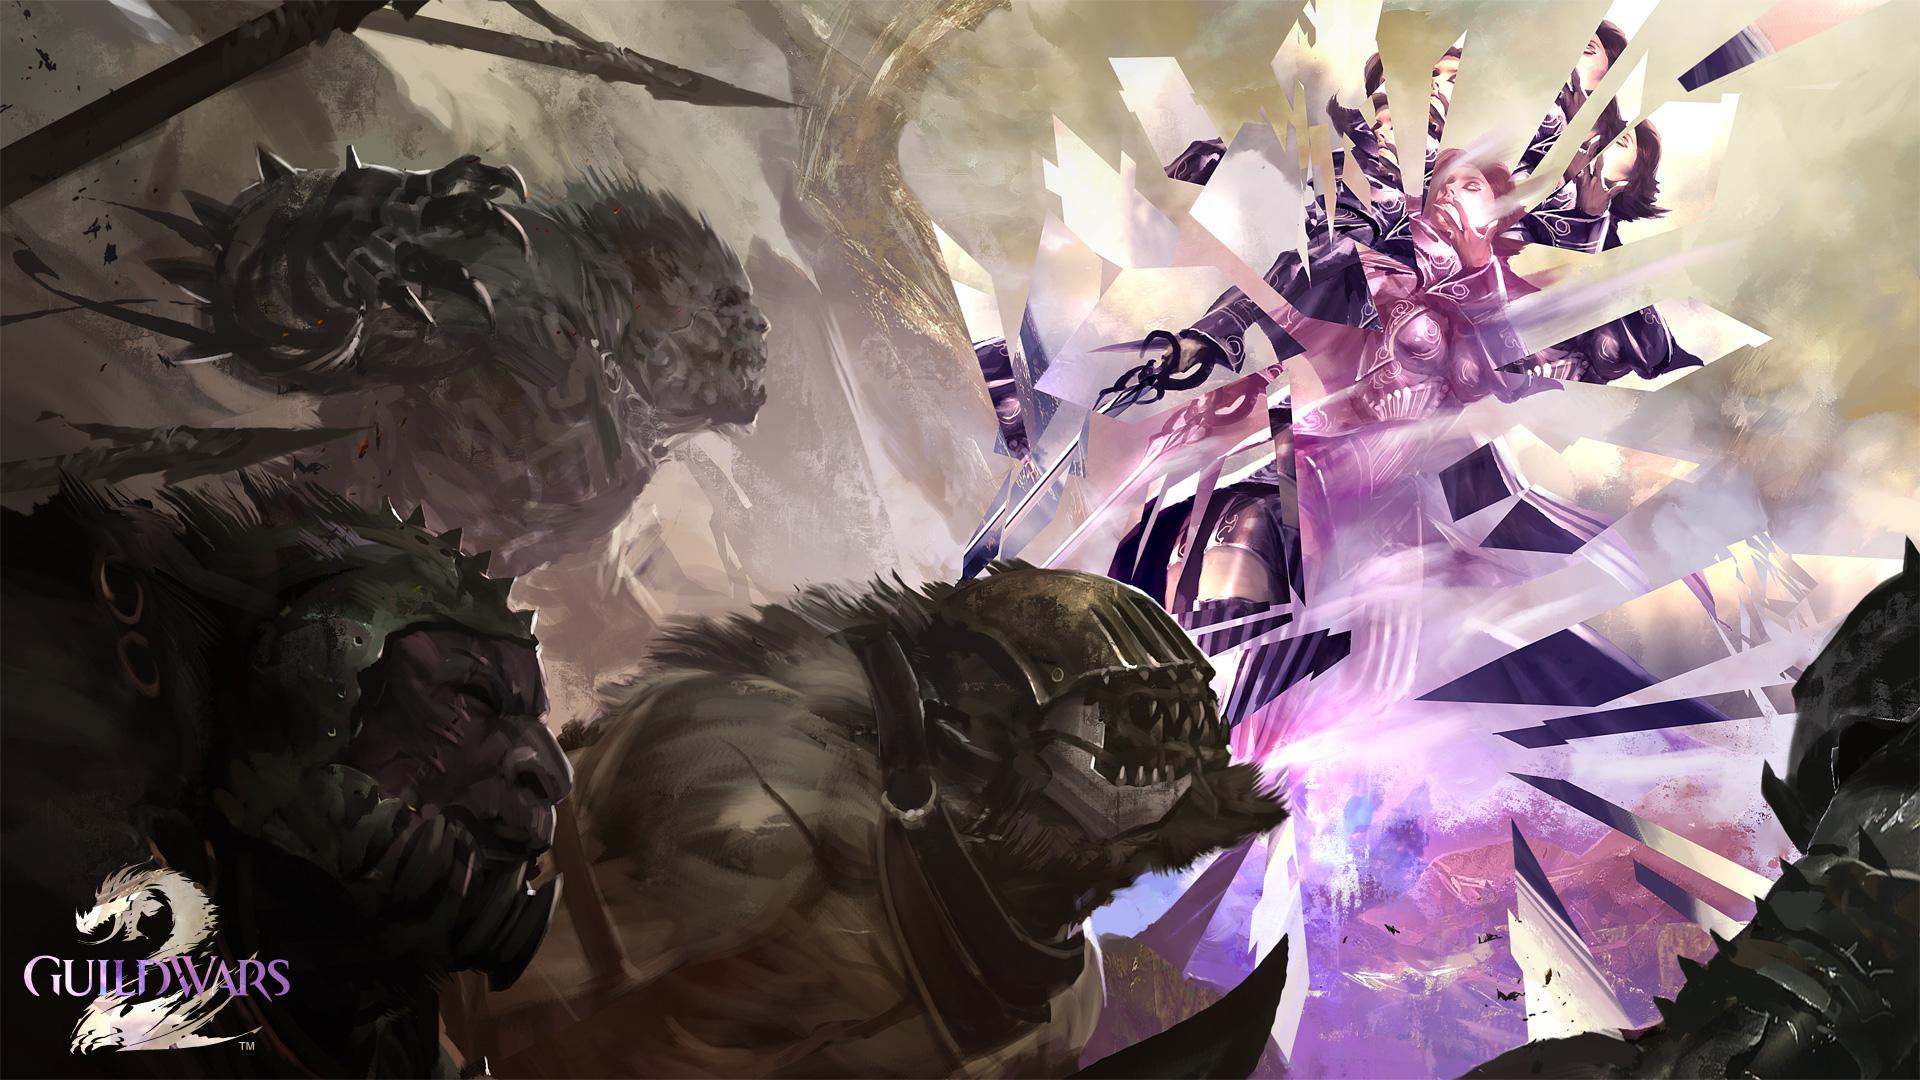 50 Guild Wars 2 Wallpaper 1080p On Wallpapersafari